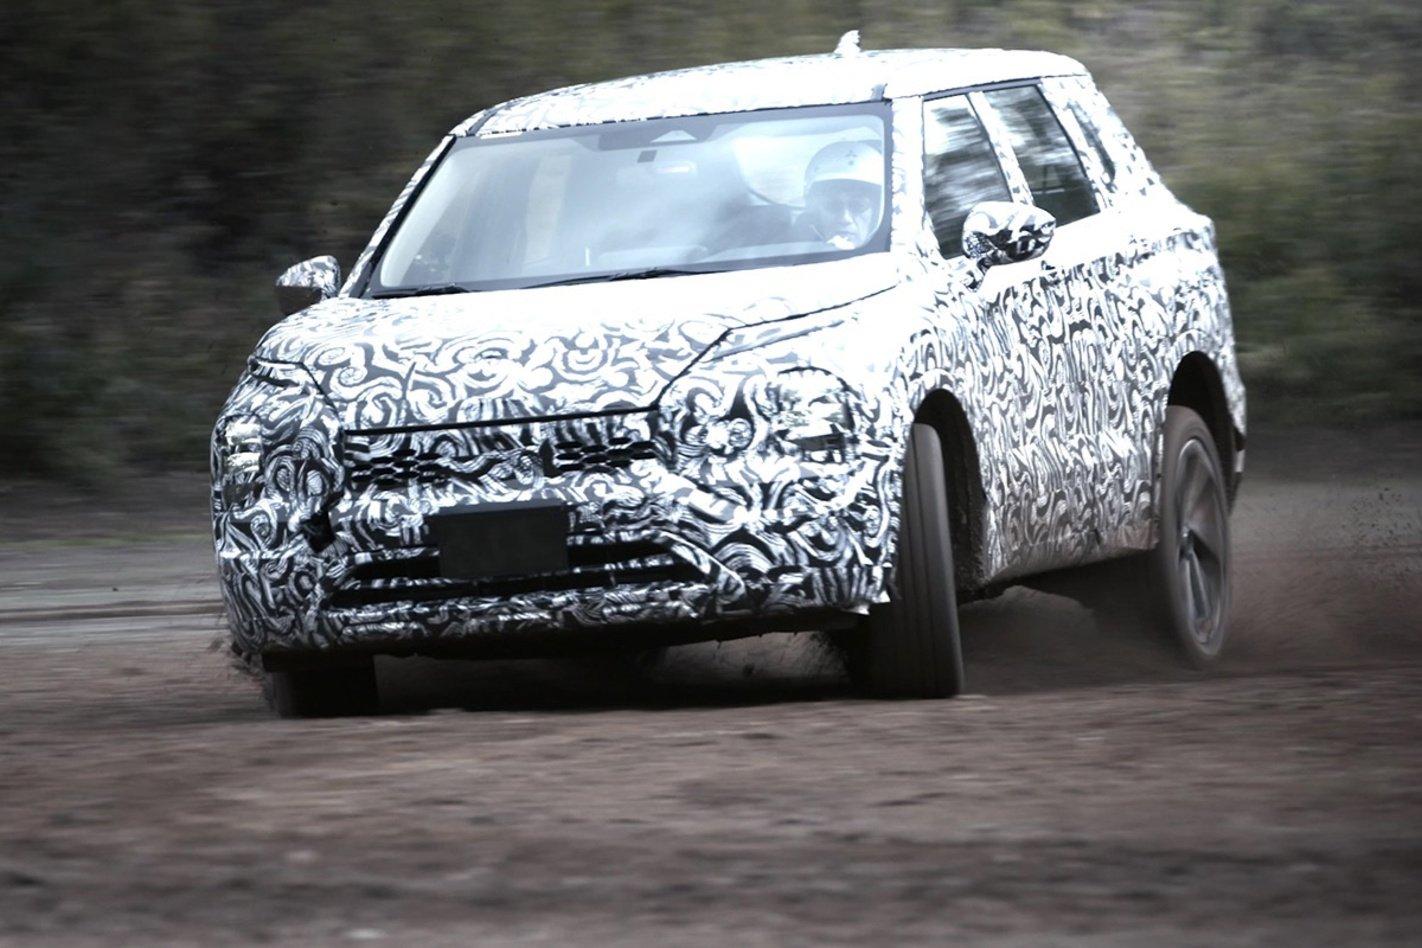 Pour l'instant, le nouveau SUV de Mitsubishi est resté sous ses camouflages. Le lever de voile est prévu le 16 février prochain., GF